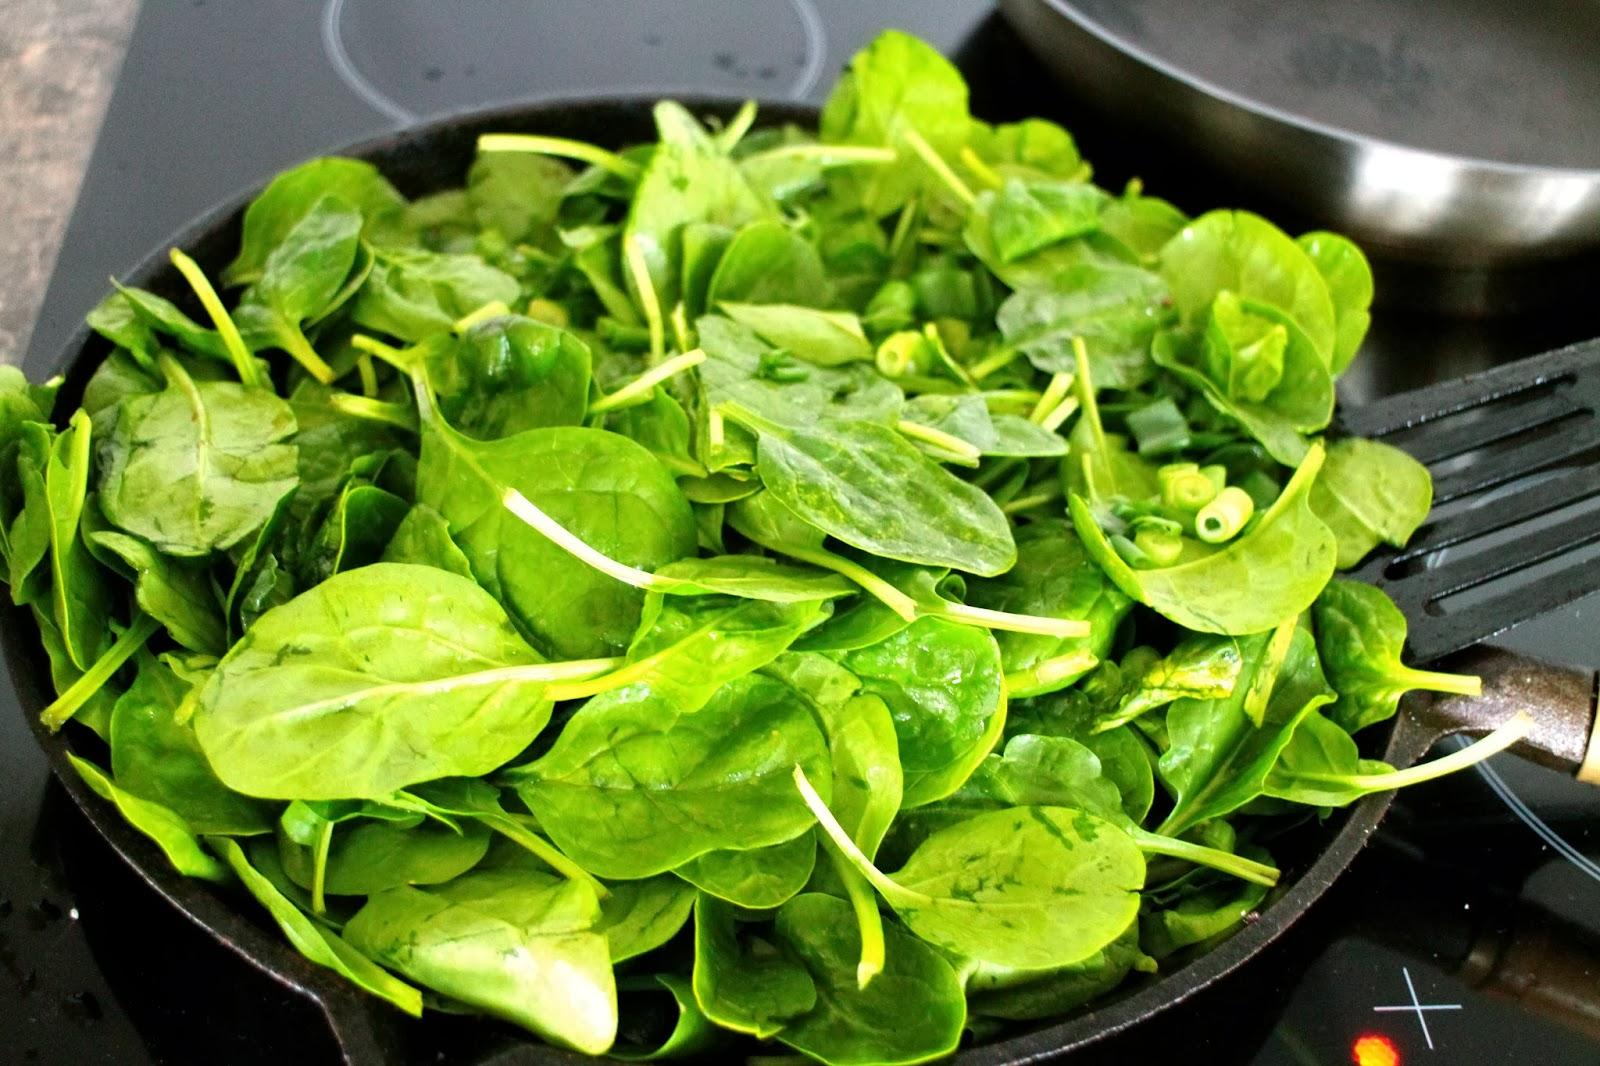 stuvet spinat uden fløde